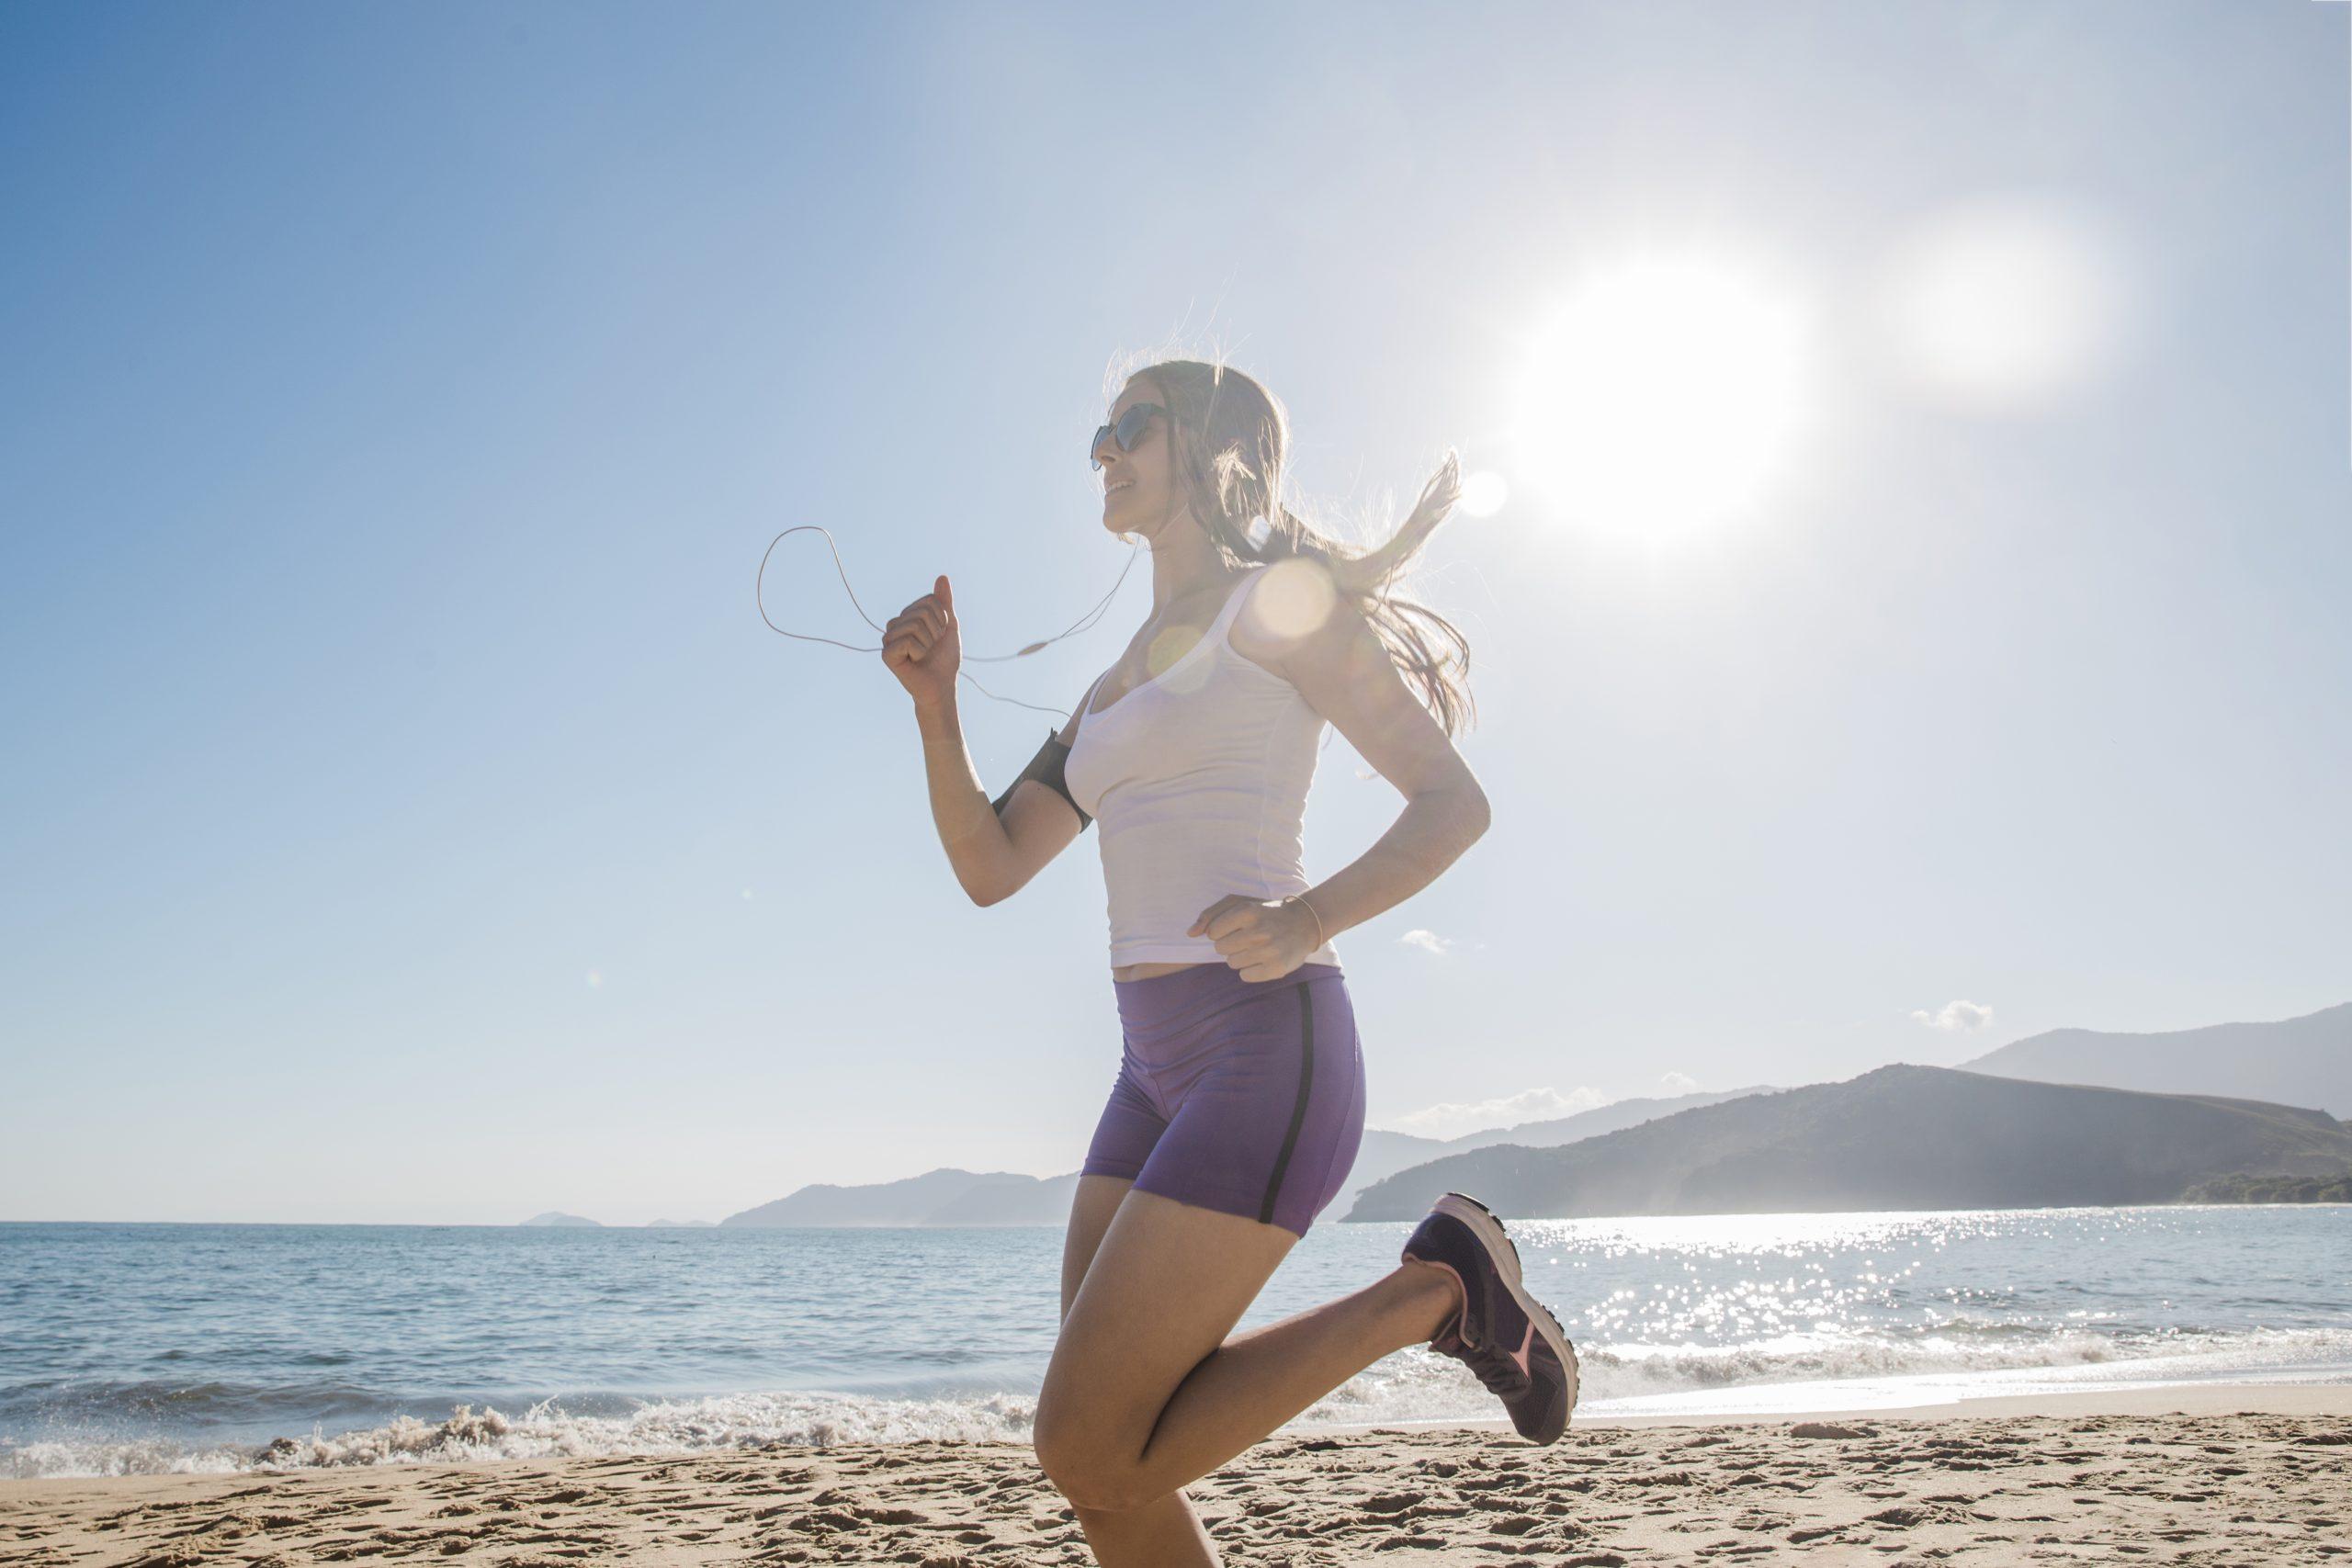 Bieganie w upale – tych zasad musisz bezwzględnie przestrzegać!